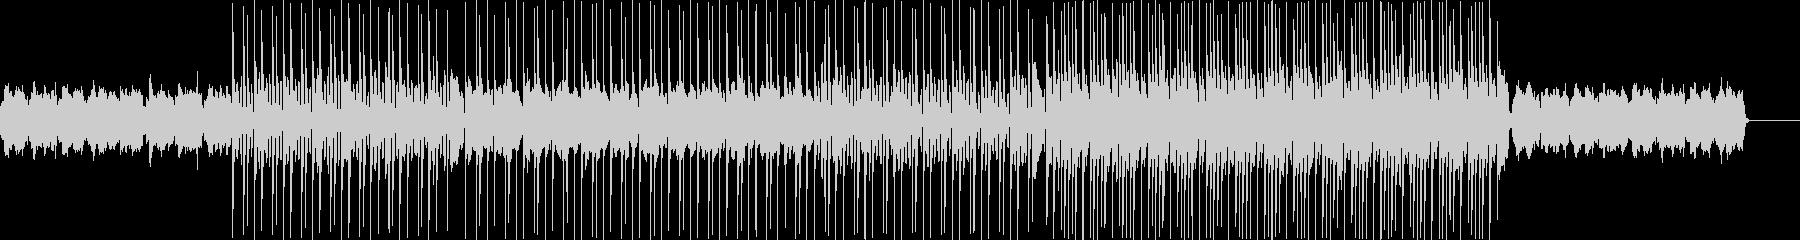 アコーディオンの旋律、悲しい印象の曲の未再生の波形